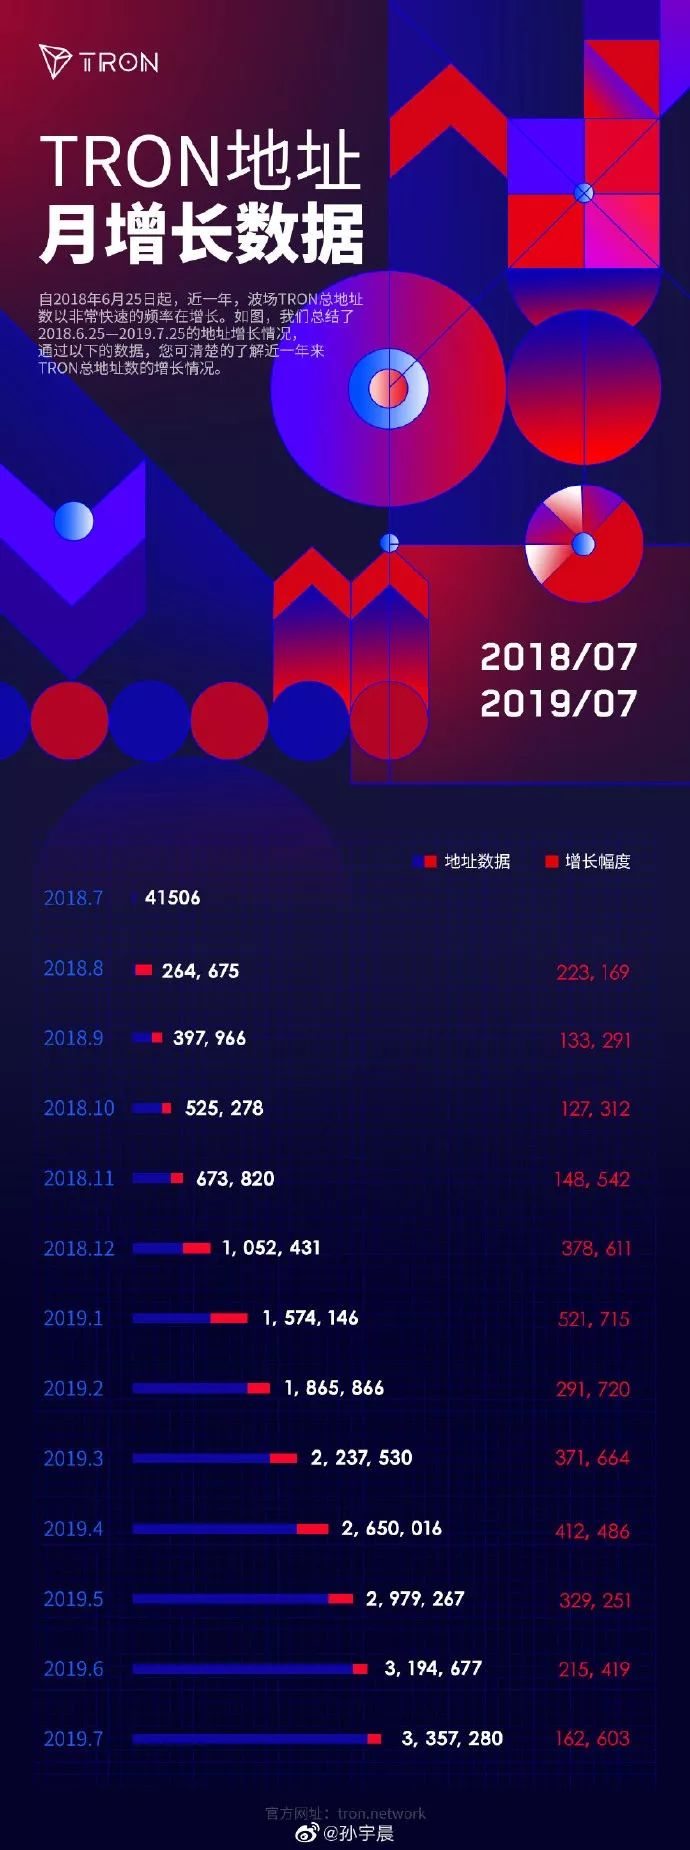 数据增长 | 波场TRON总地址数一年增长80倍,7月累计超过335万